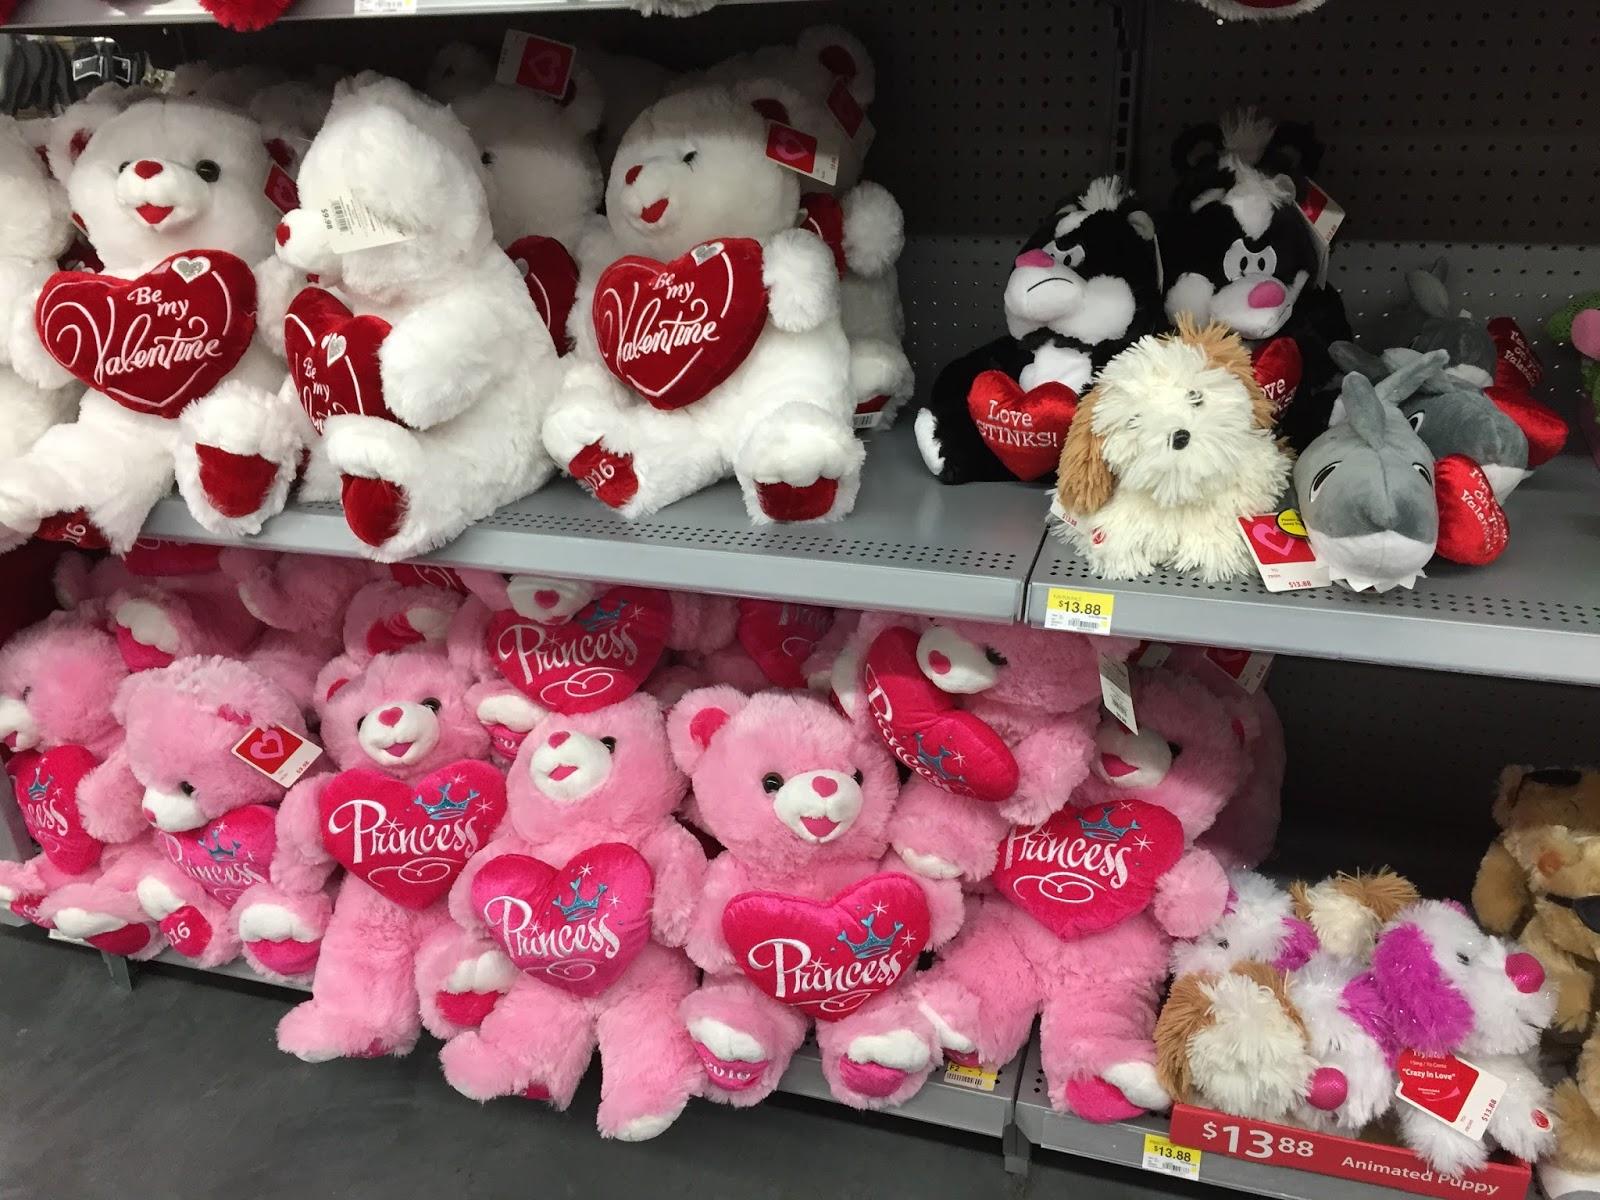 Valentineu0027s Day: Walmart